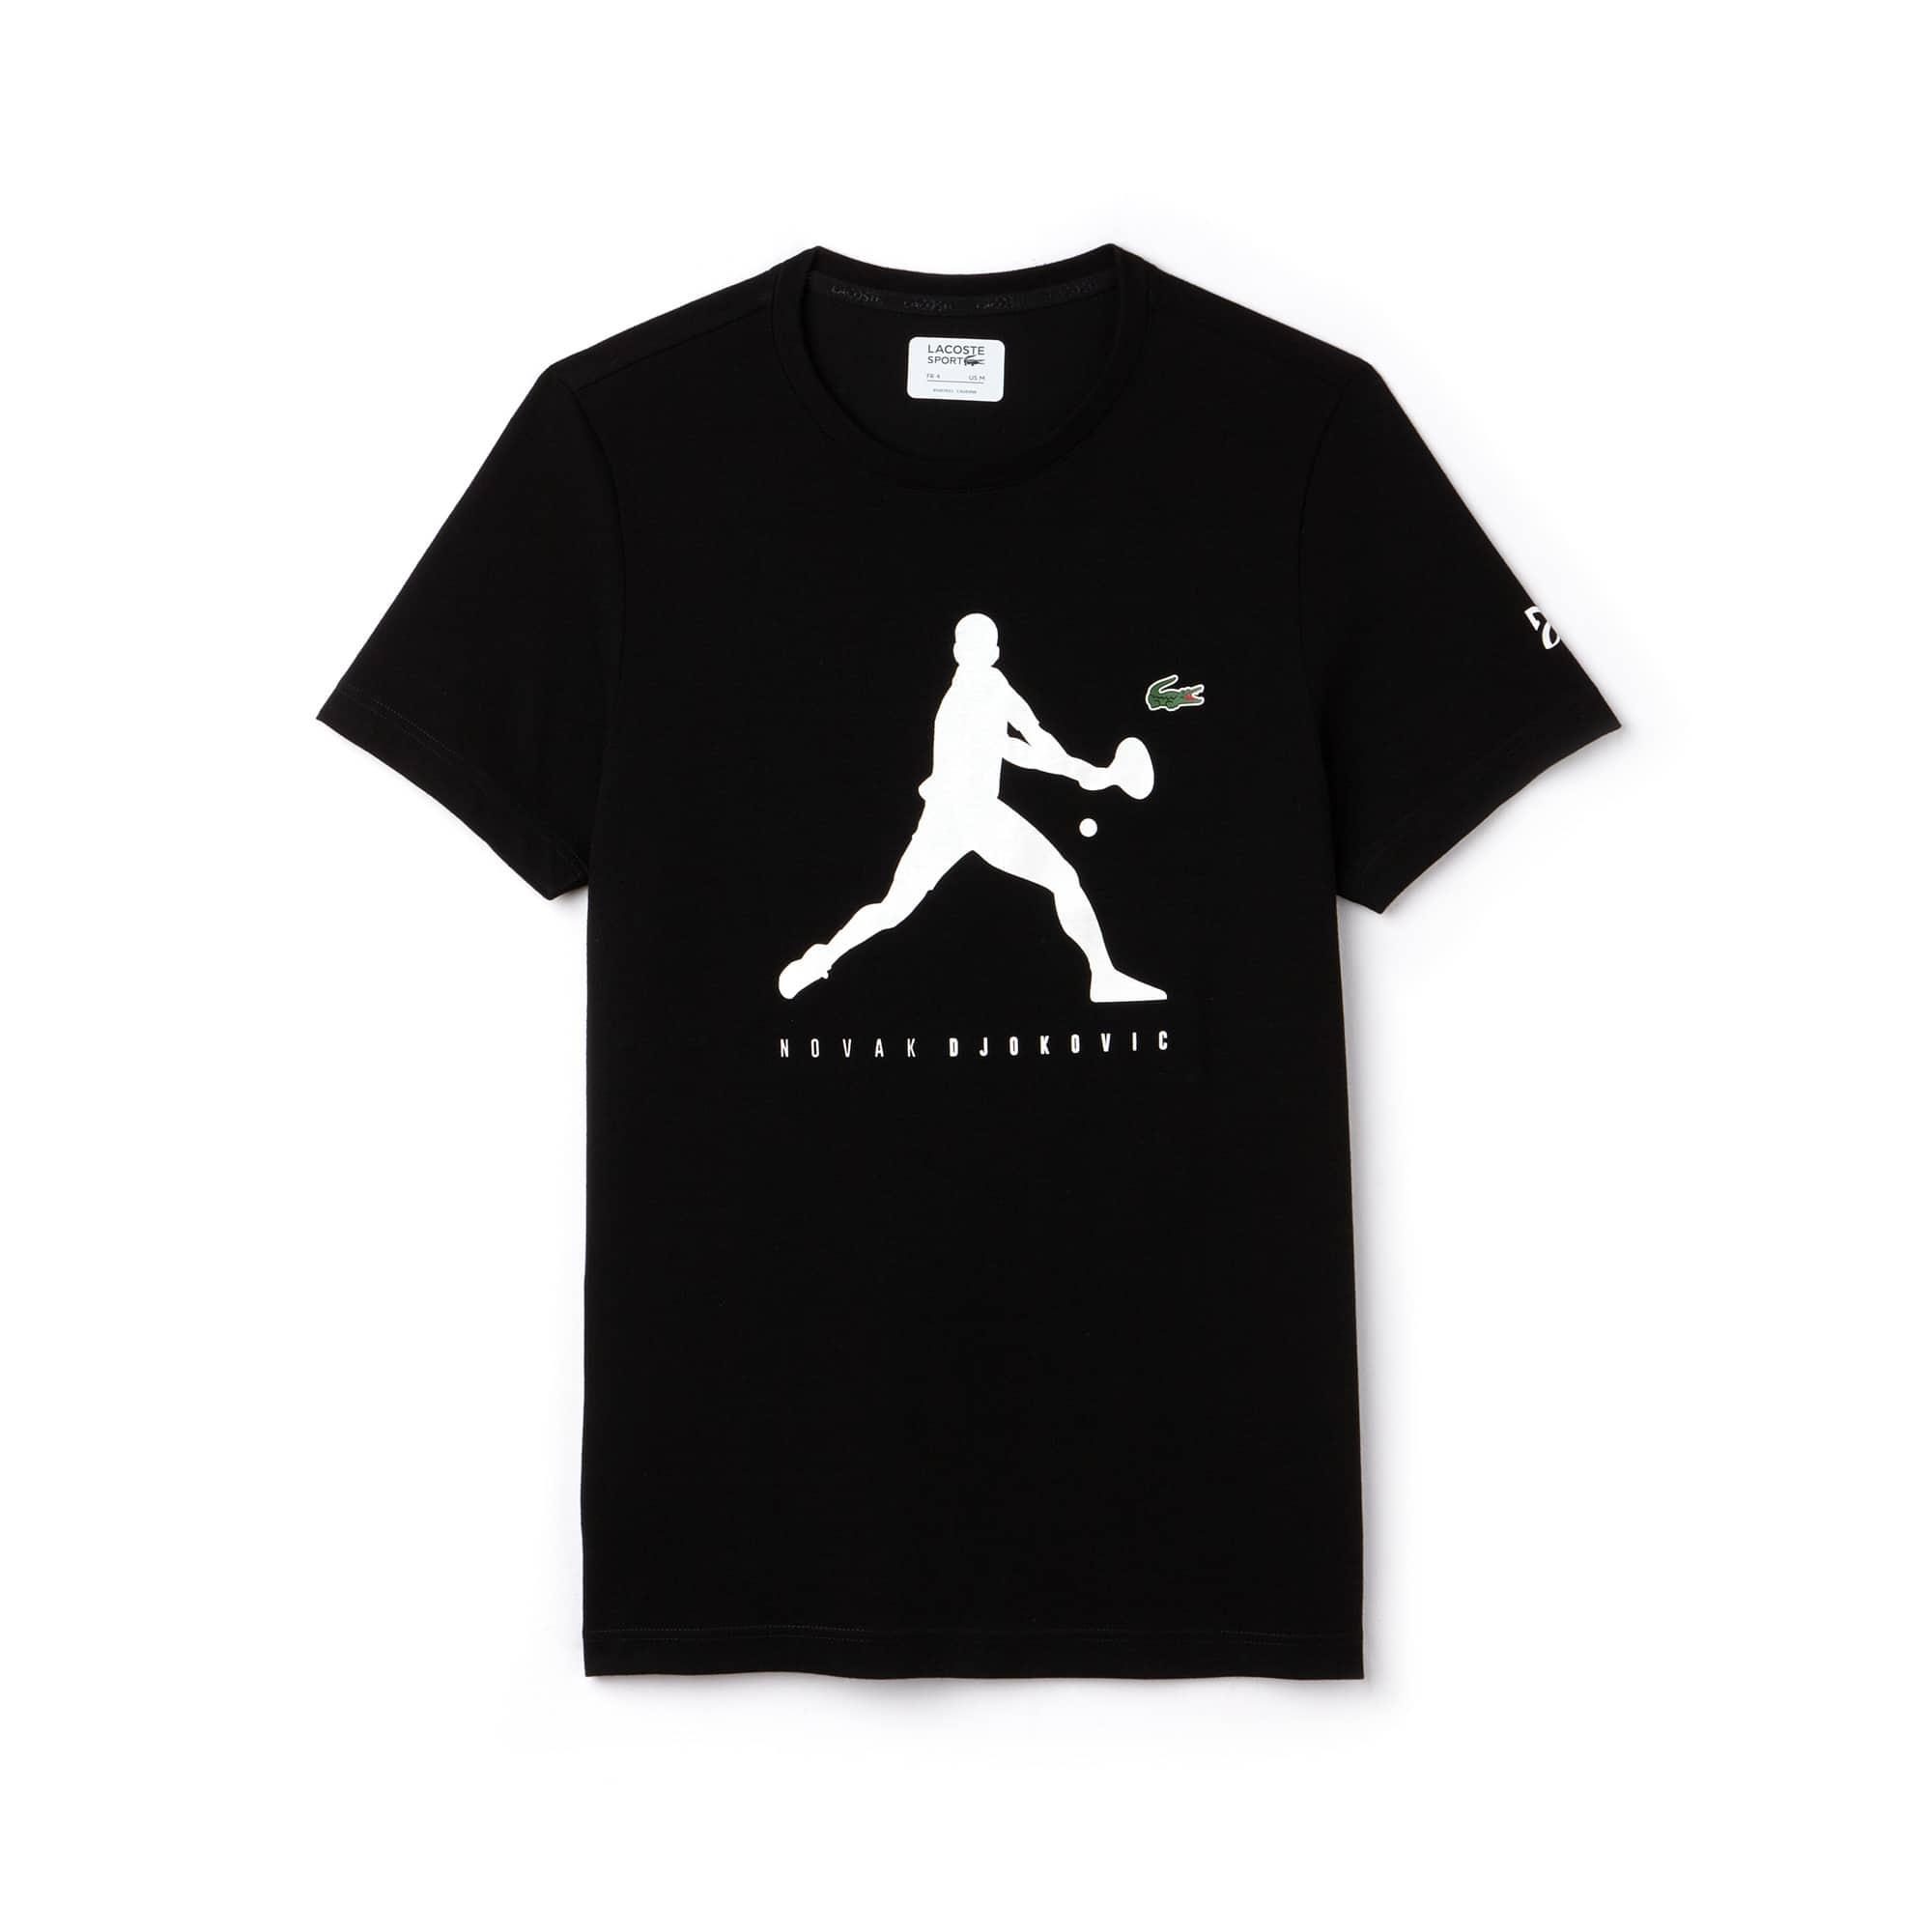 라코스테 Lacoste Mens SPORT Tennis T-Shirt - Novak Djokovic Supporter Collection,black / white